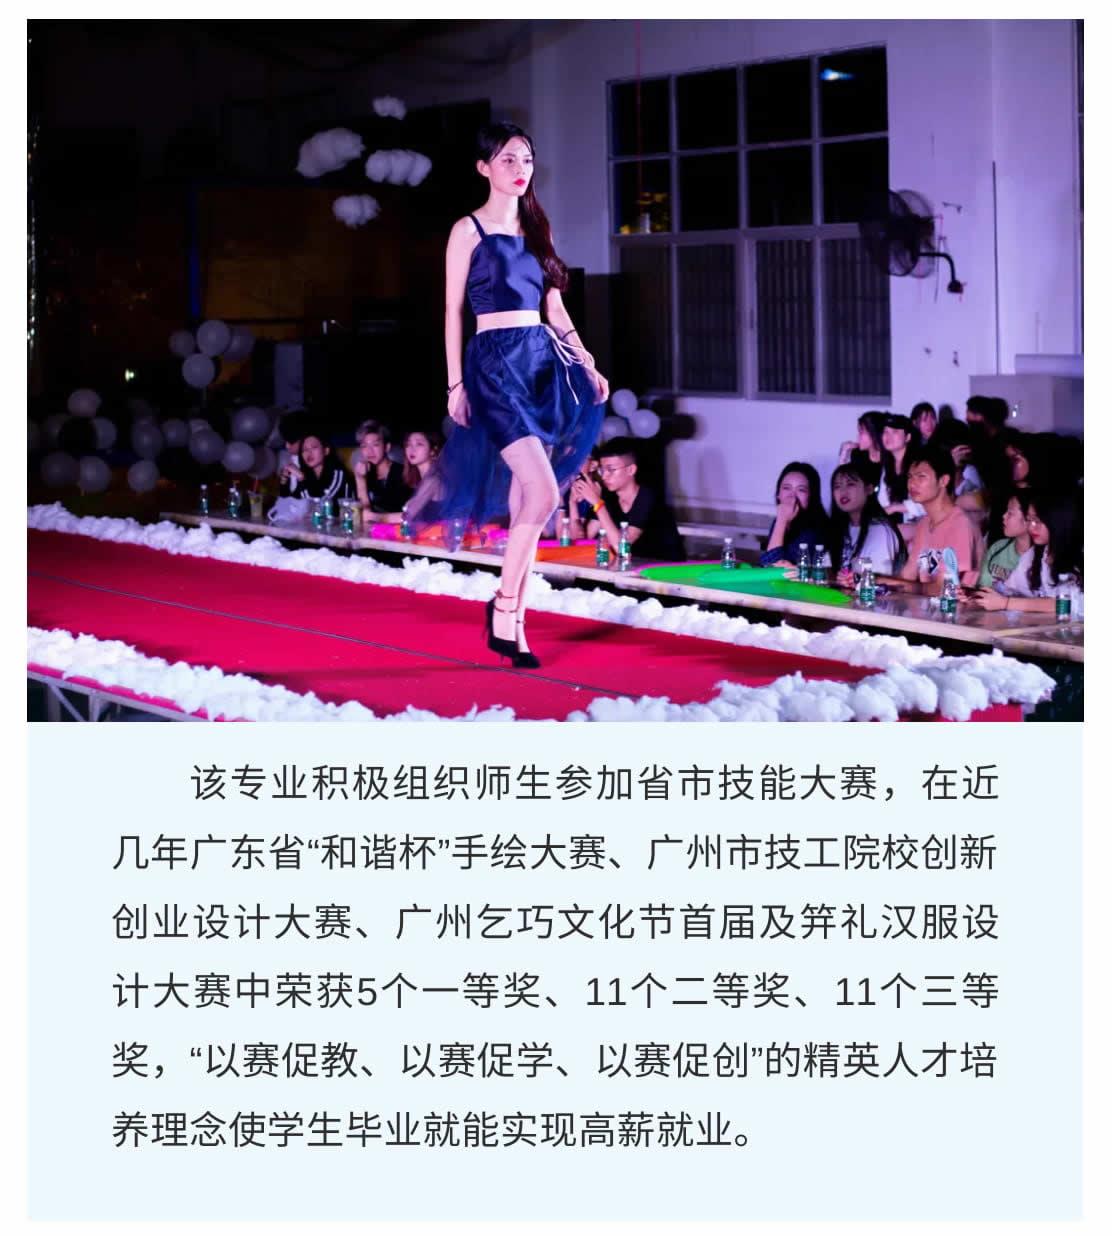 服装设计与制作(高中起点三年制)-1_r7_c1.jpg